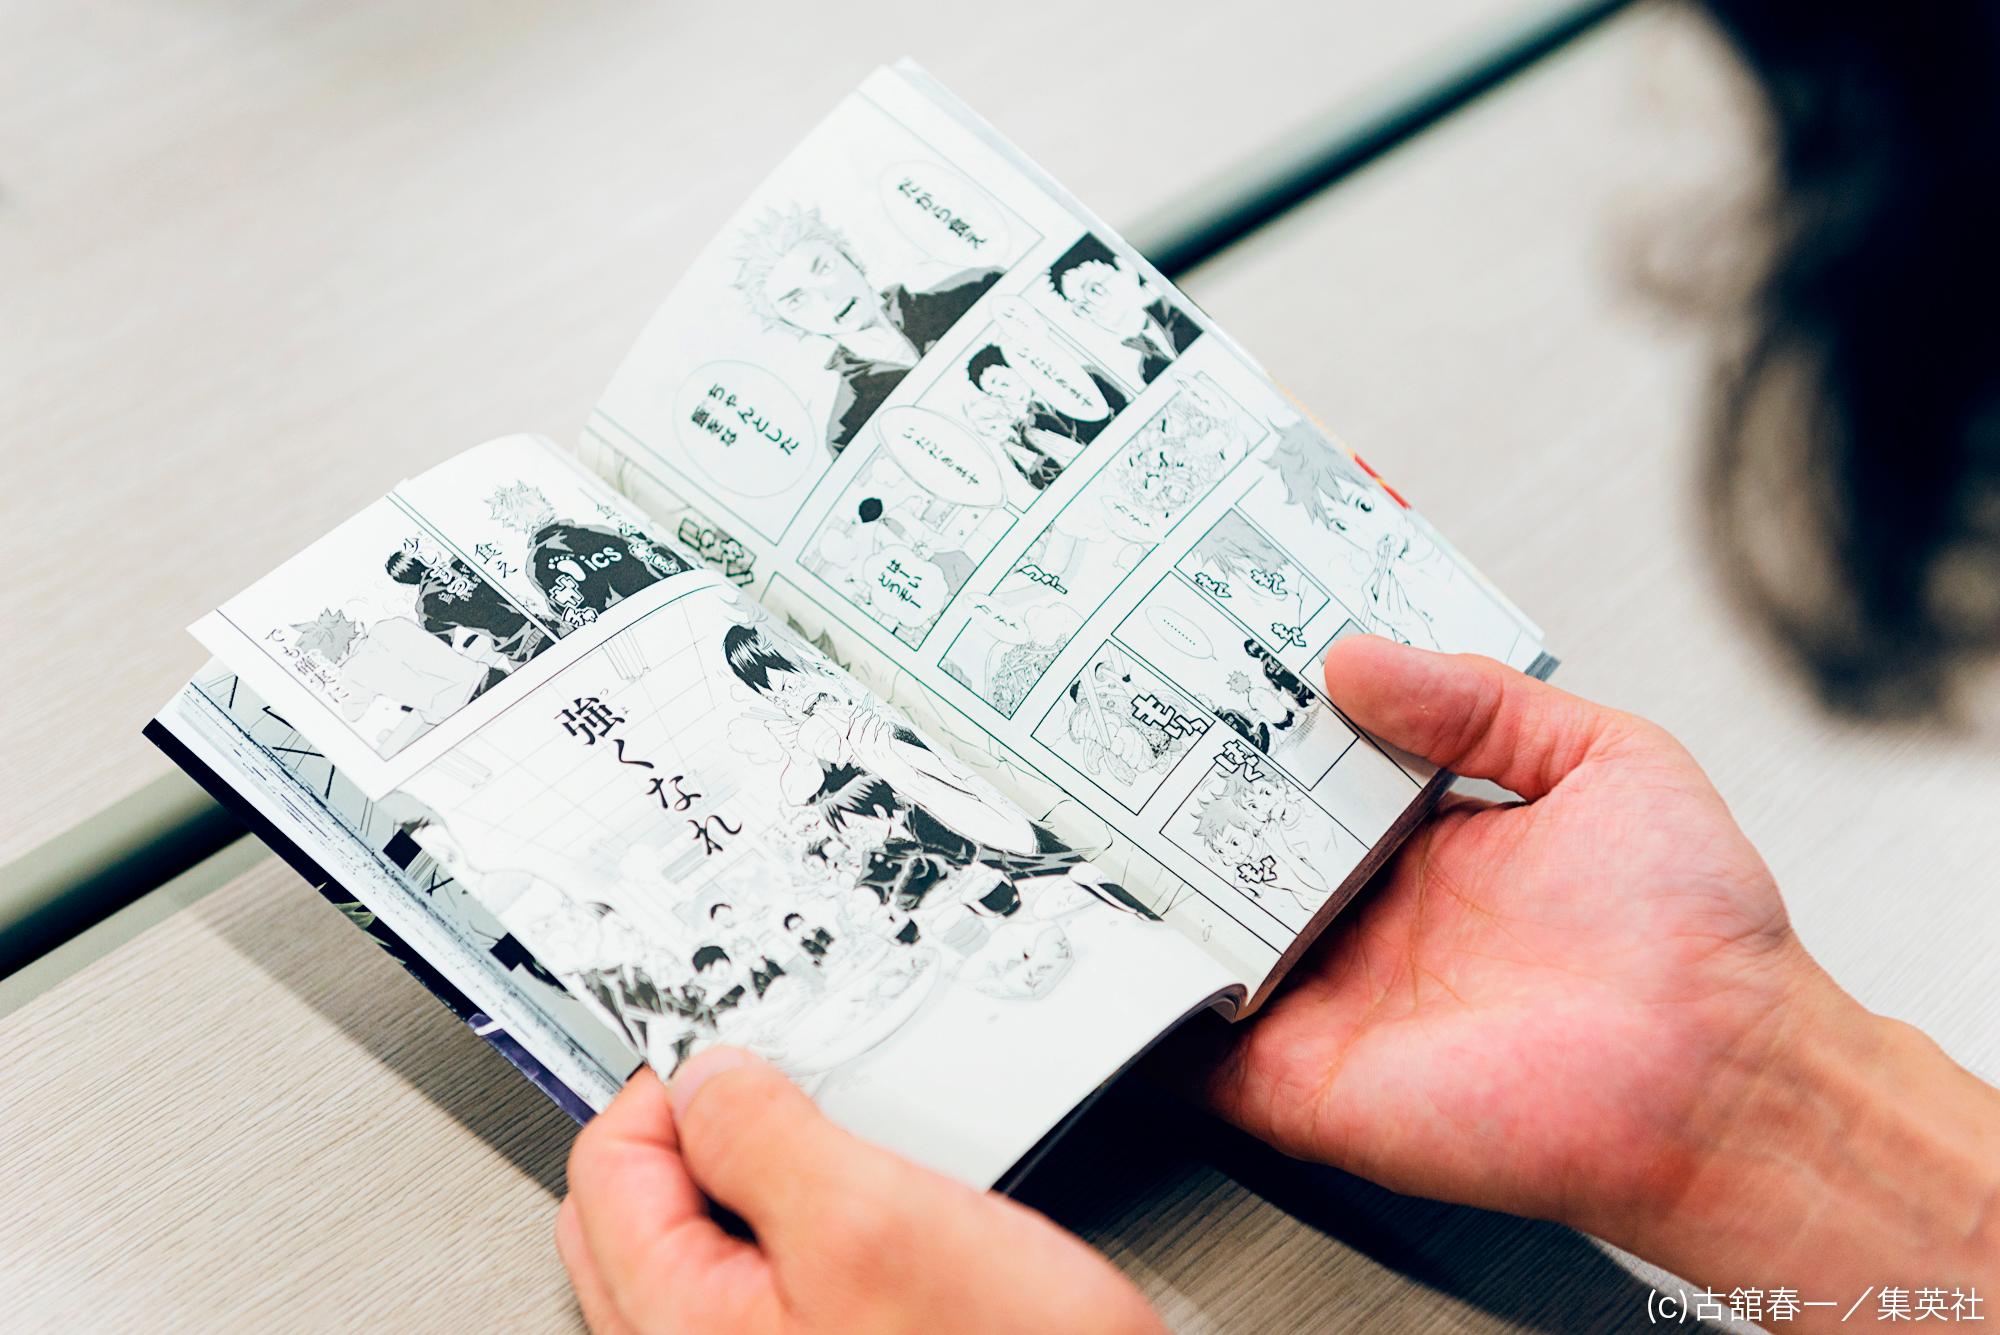 manga01-image01